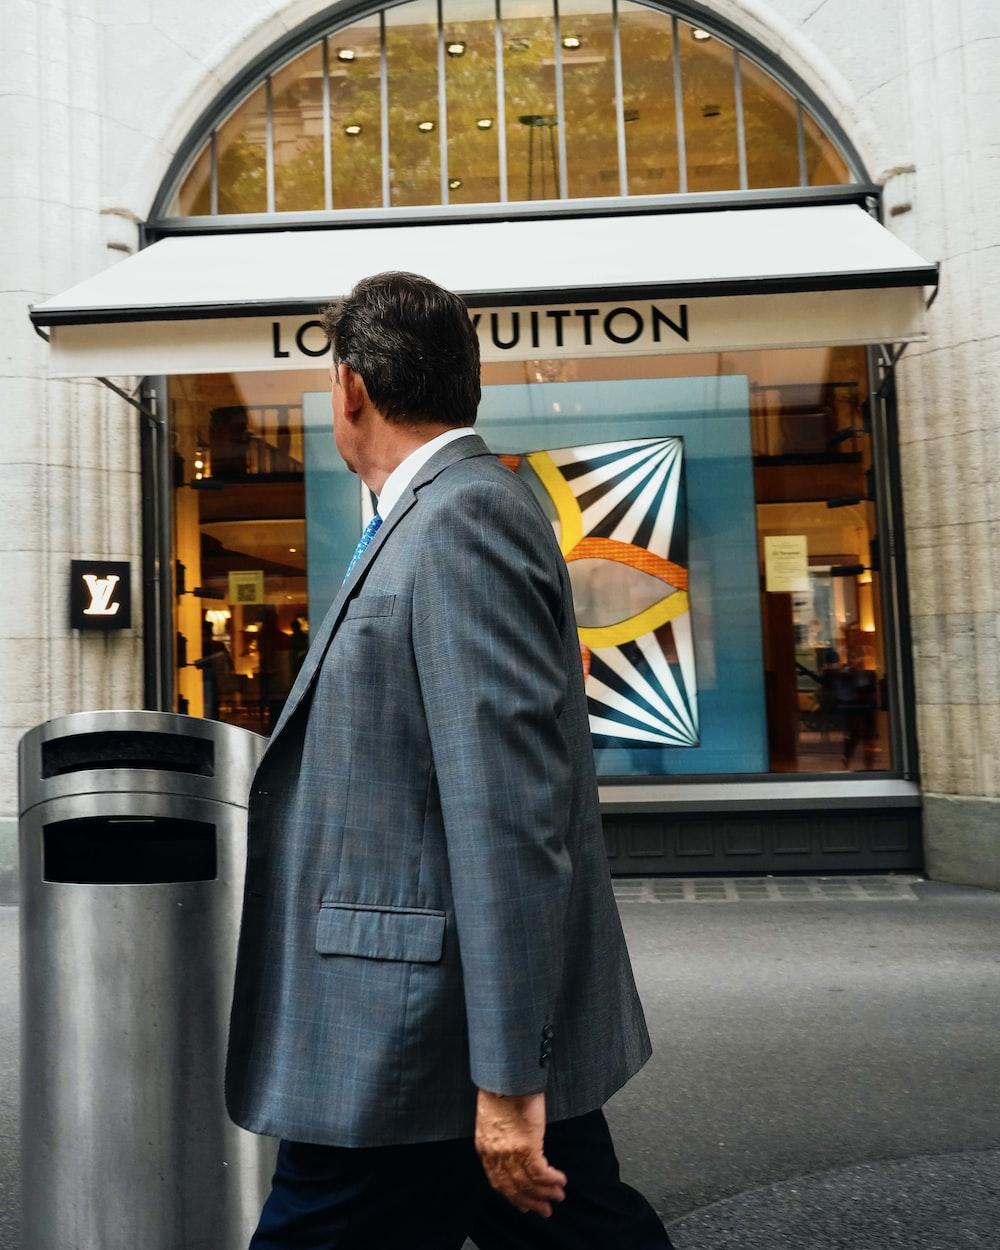 man in black suit standing near gray trash bin